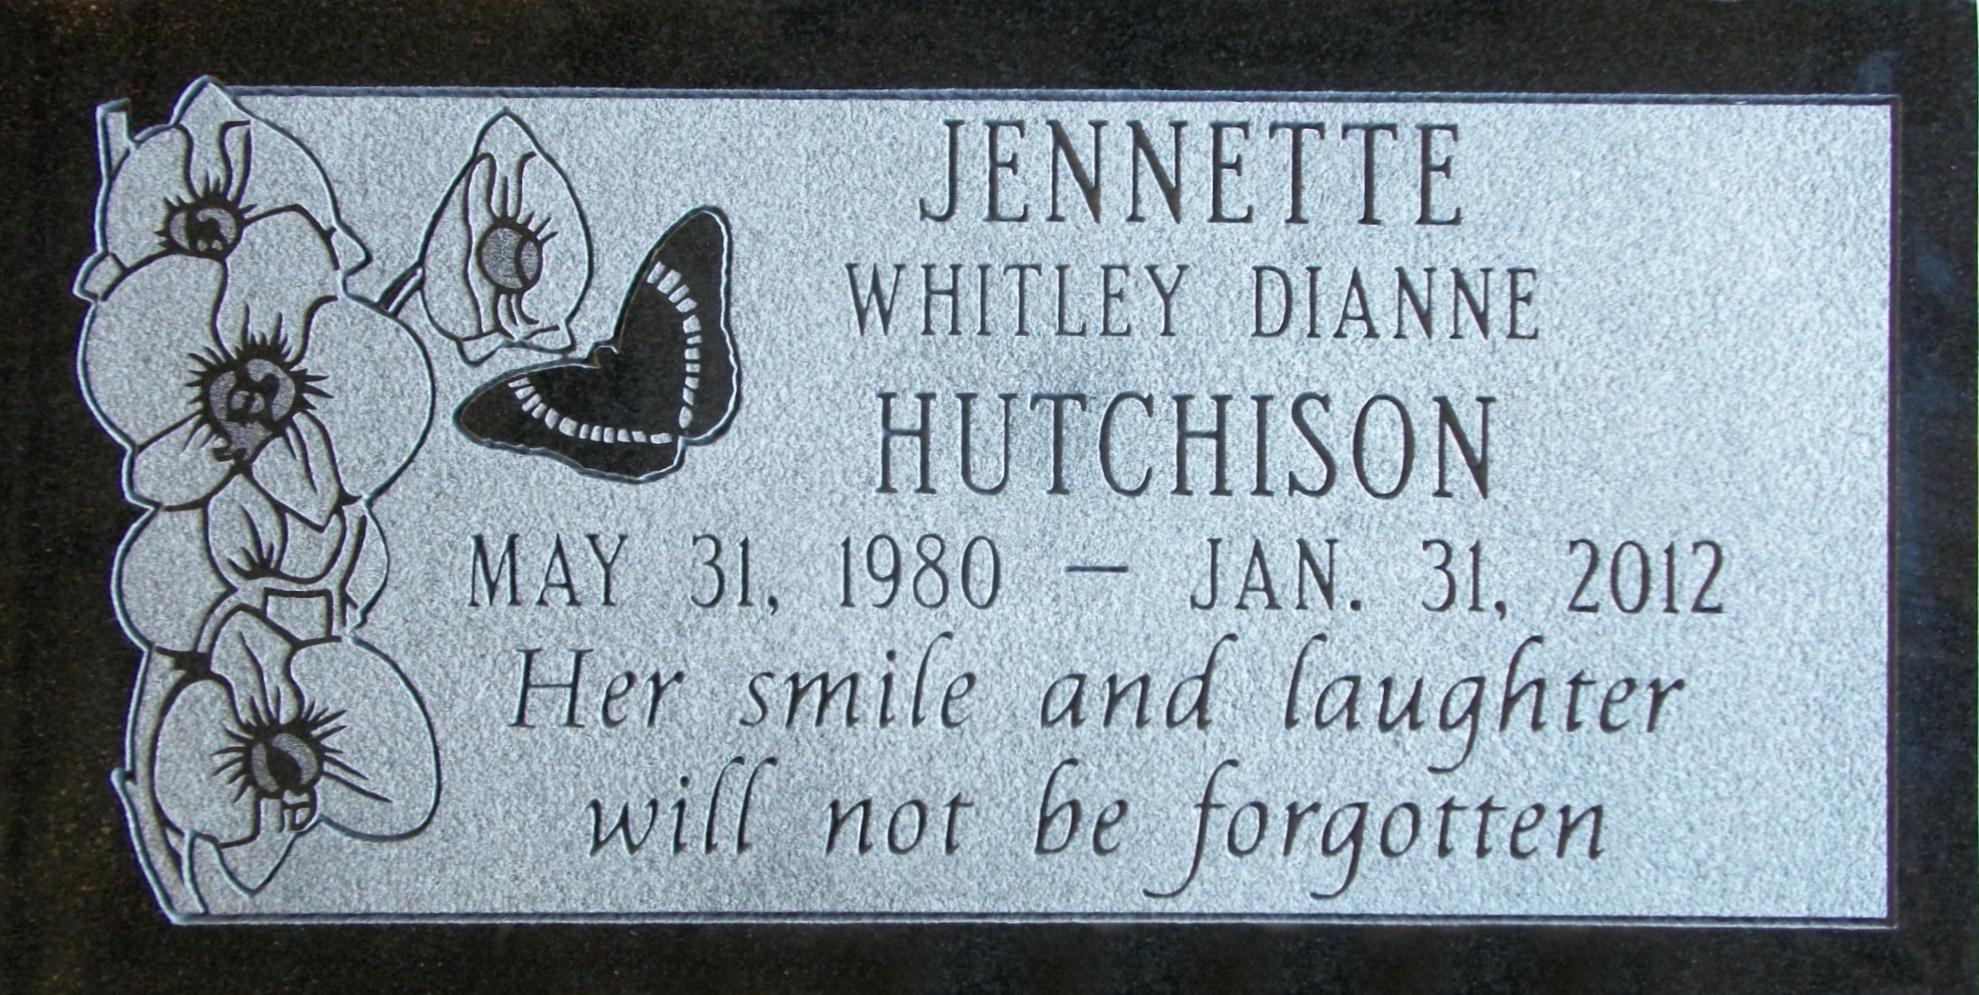 Black - Hutchison Jennette 16-0741 - 24x